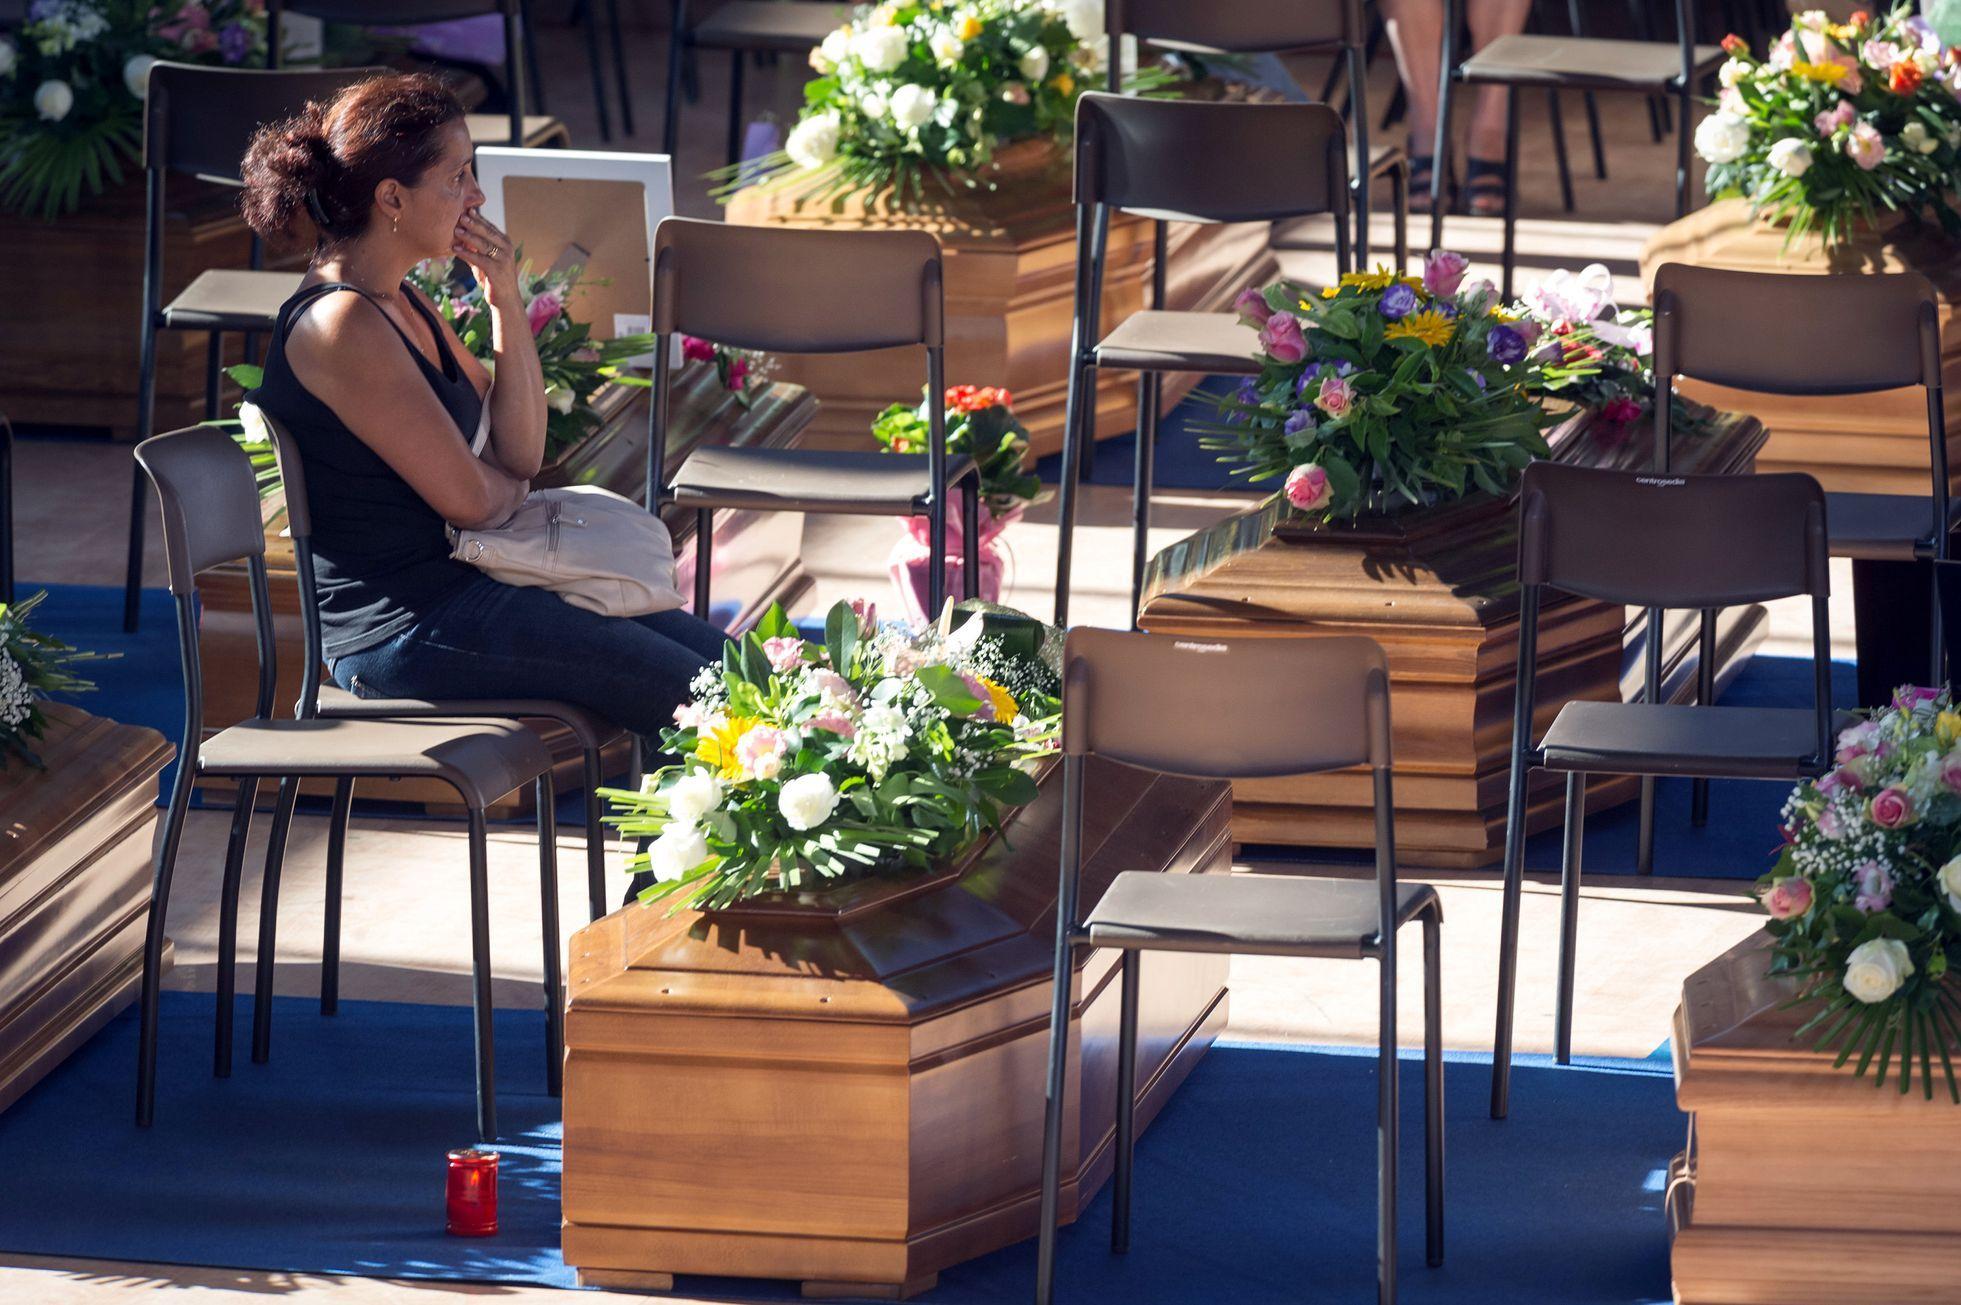 Itálie drží státní smutek a pohřbívá mrtvé 032f535d38